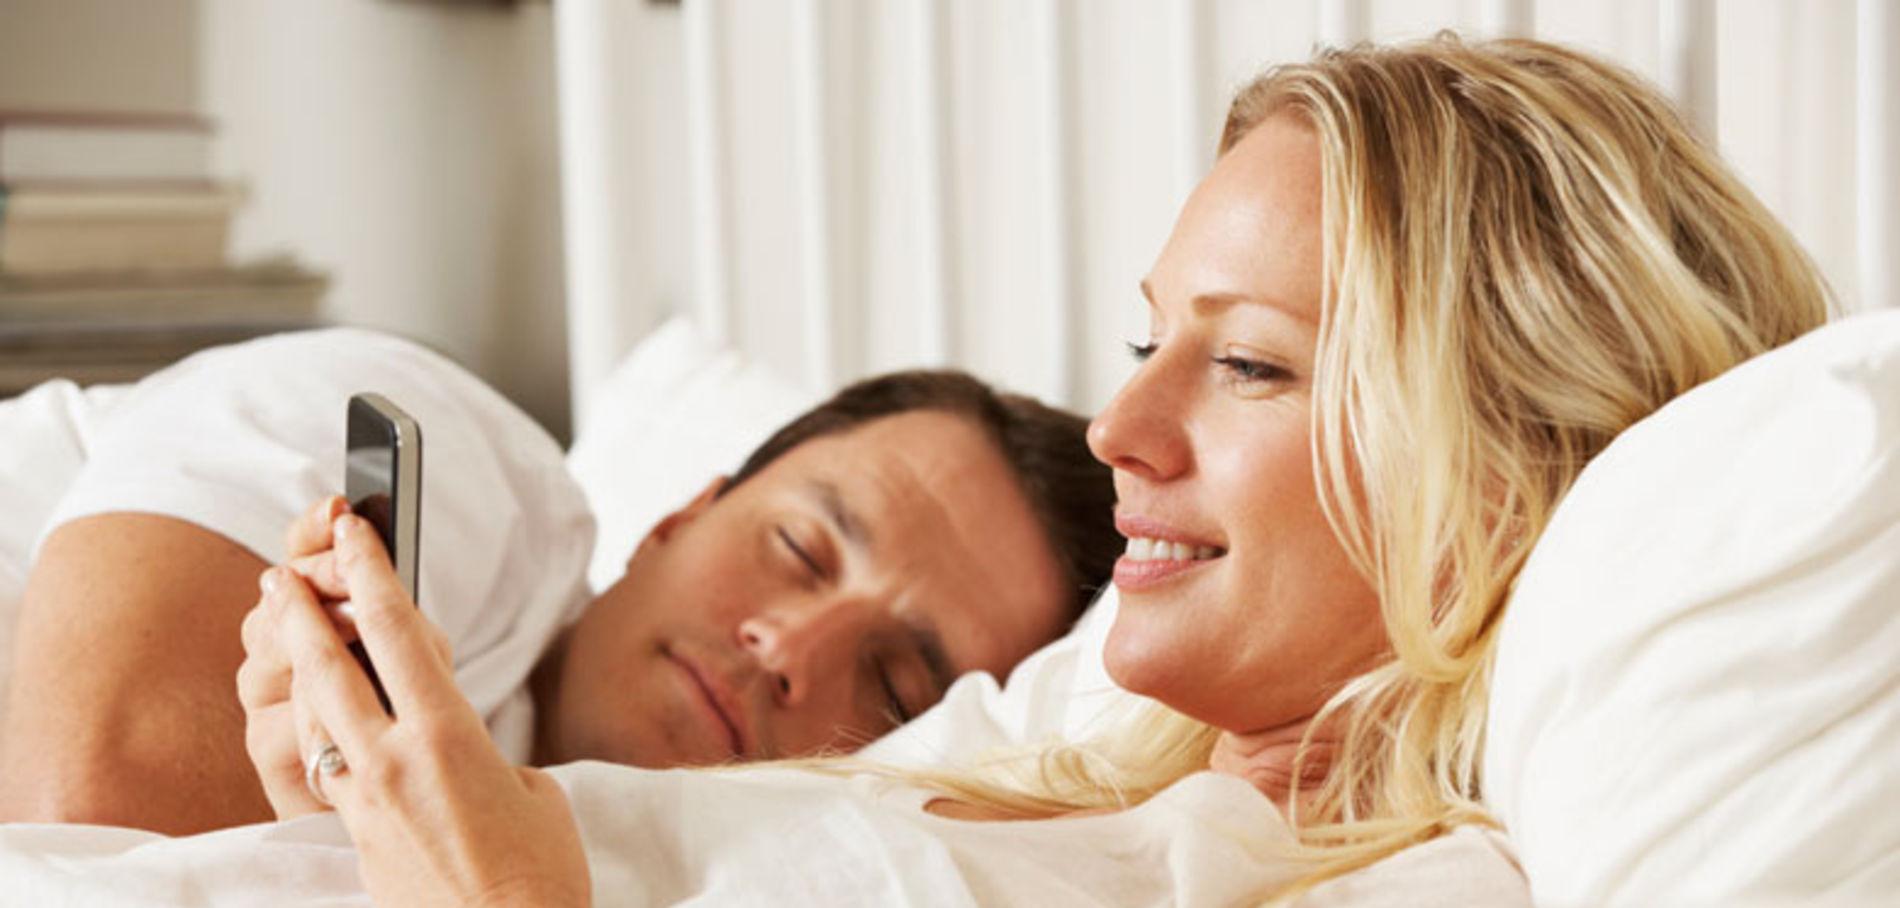 Come Gestire il Bisogno di Controllare il Partner?